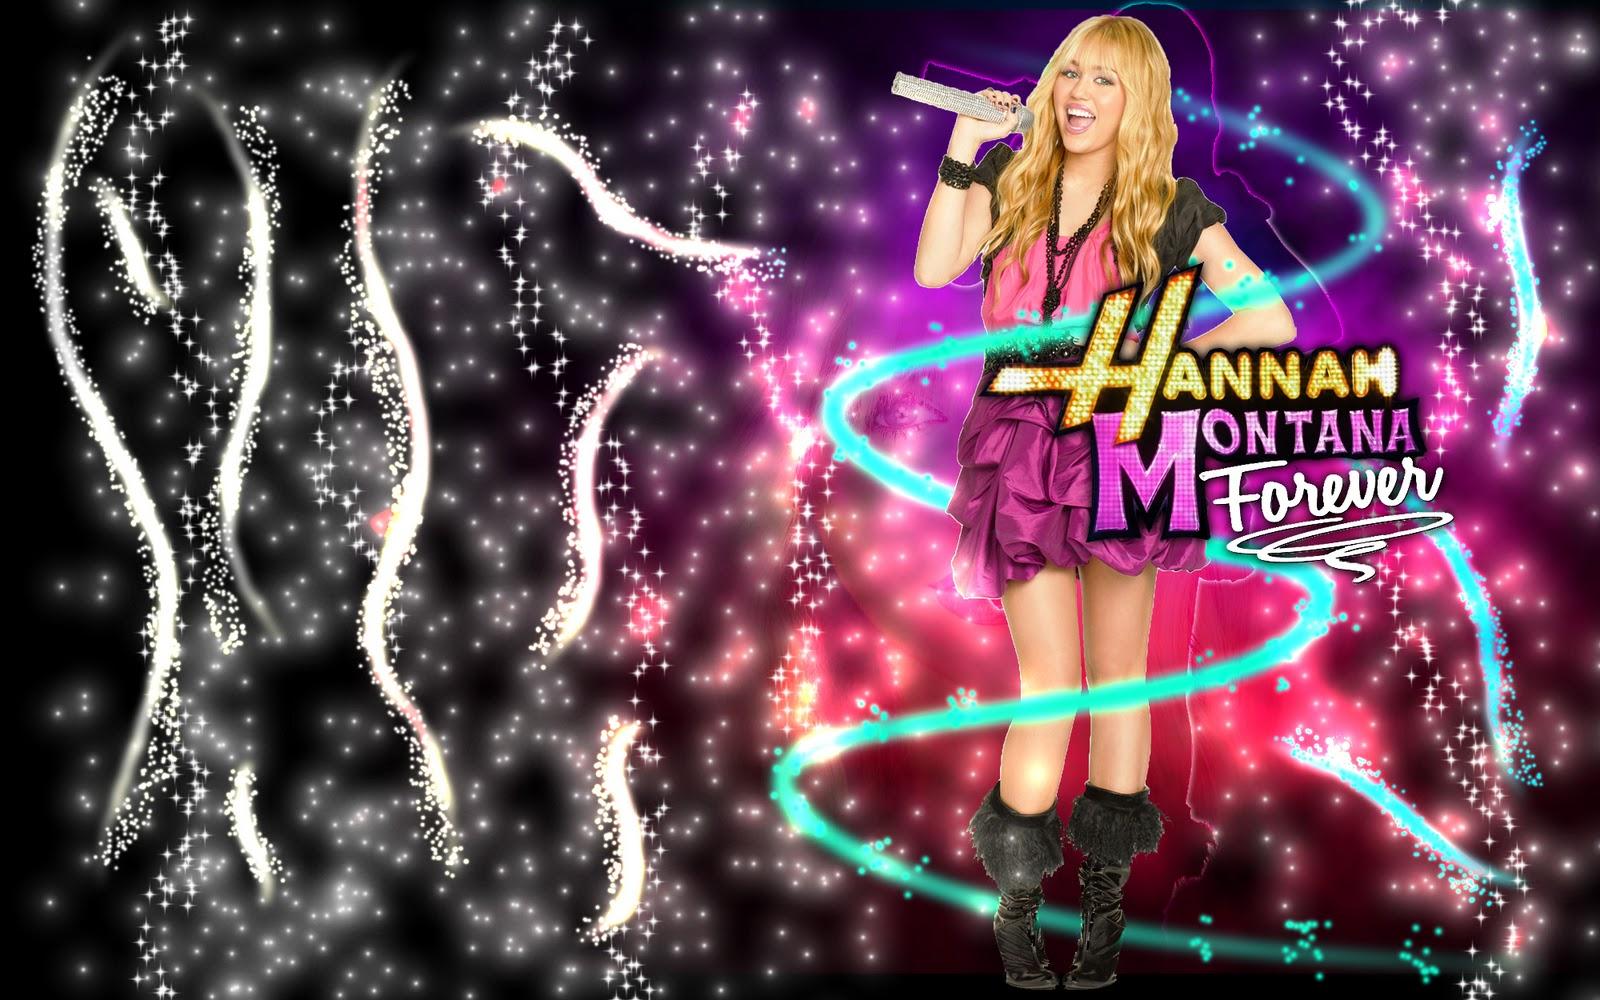 Teammileyrayxx Cute Hannah Wallpaper Pic